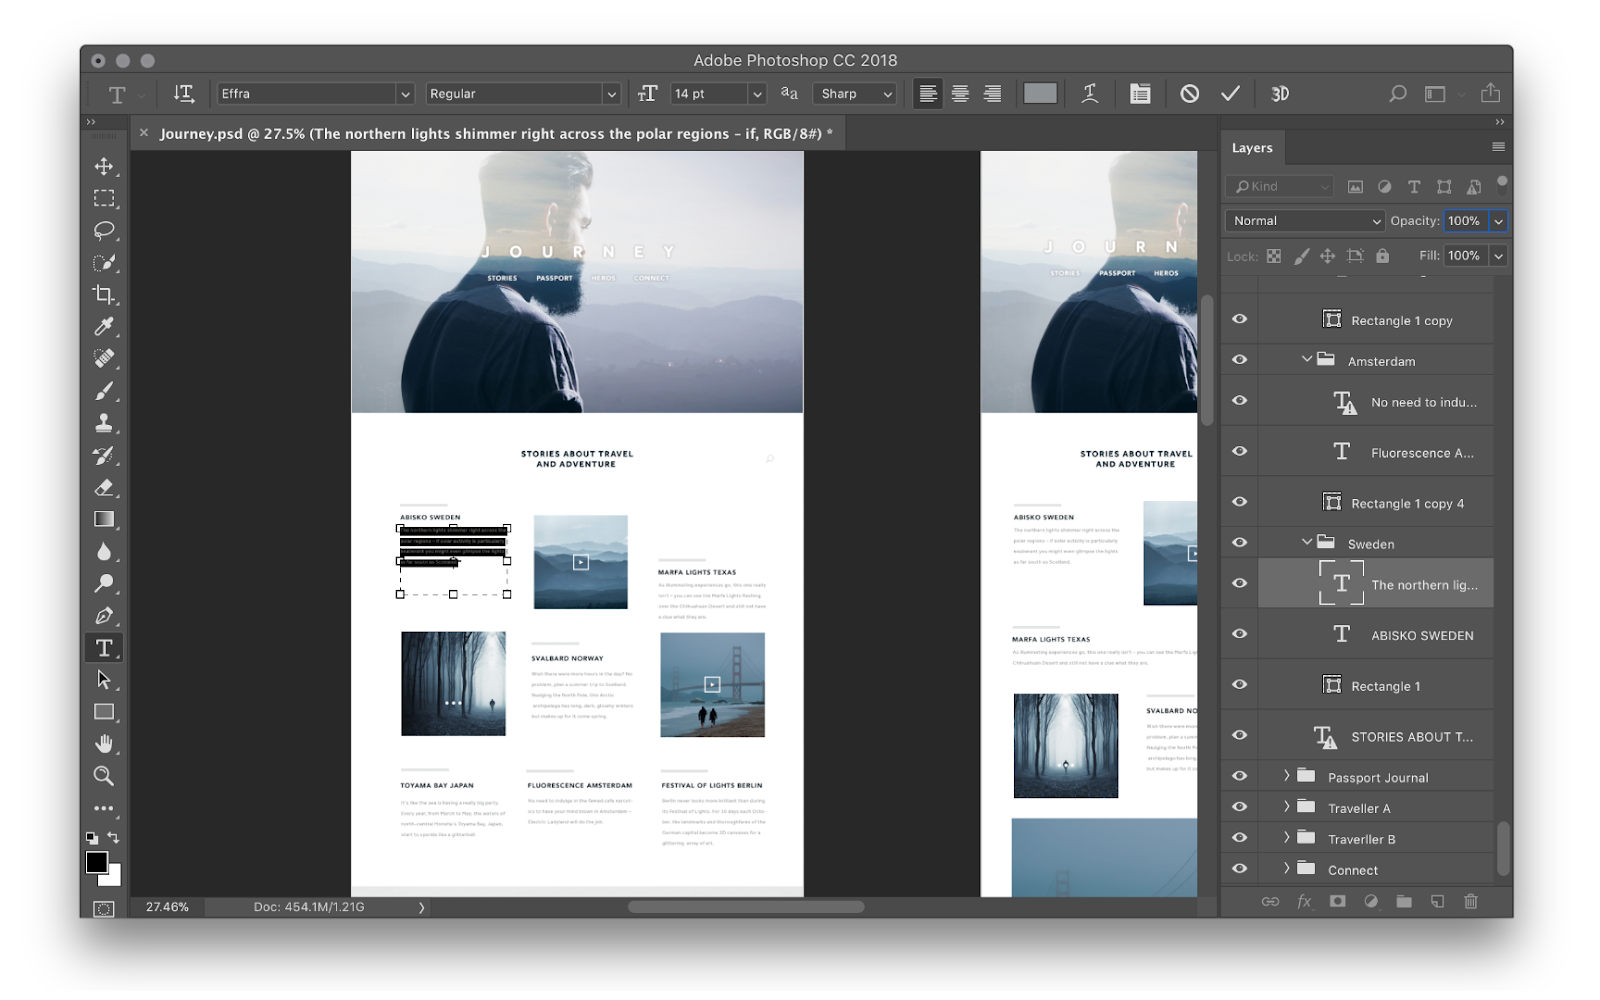 """Снимок экрана интерфейса Adobe Photoshop, используемого для веб-дизайна """"width ="""" 1600 """"height ="""" 1000 """"/>    <figcaption> Photoshop — одно из старейших и наиболее часто используемых графических программ для веб-дизайна. Изображение через Adobe </figcaption></figure> <p> Чем отличается Photoshop, так это его абсолютная универсальность: это мощный инструмент для любого графического редактирования. Его, казалось бы, бесконечные функции позволяют дизайнерам создавать сложные текстуры, тени и другие эффекты, выходящие за рамки возможностей других программ для веб-дизайна. . </p> <p> Редактирование изображений и манипуляции с ними также могут выполняться неразрушающим образом в одном документе — без переключения между несколькими программами. Кроме того, его инструменты цифрового искусства позволяют создавать эскизы ранних концепций макета в программе. </p> <p> Но Photoshop, как следует из названия, никогда не предназначался исключительно для веб-дизайна. Какими бы удобными ни были его многочисленные потенциальные применения, они также способствуют крутому обучению и некоторым необходимым обходным путям (особенно когда дело доходит до изоляции и экспорта элементов). Помимо этих жалоб, Photoshop остается безопасным выбором из-за своего набора инструментов и постоянного присутствия в индустрии дизайна. </p> <p> <strong> Цена </strong> </p> <ul> <li> 20,99 долларов в месяц за индивидуальную лицензию </li> <li> 50,99 долларов в месяц за полный доступ к Creative Suite </li> </ul> <p> <strong> Лучшая функция </strong> </p> <ul> <li> Возможность сложной графики и детального редактирования </li> </ul> <p> <strong> Рекомендуемые пользователи </strong> </p> <ul> <li> Специализированные графические и веб-дизайнеры </li> </ul> <p> <strong> Тип файла экспорта </strong> </p> <ul> <li> PSD, PDF, JPG, PNG, GIF, TIFF и SVG </li> </ul> <p> <strong> Уровень квалификации </strong> </p> <p> <strong> За </strong> </p> <ul> <li> Его популярность означает бесконечные ресурсы для обучения и подд"""